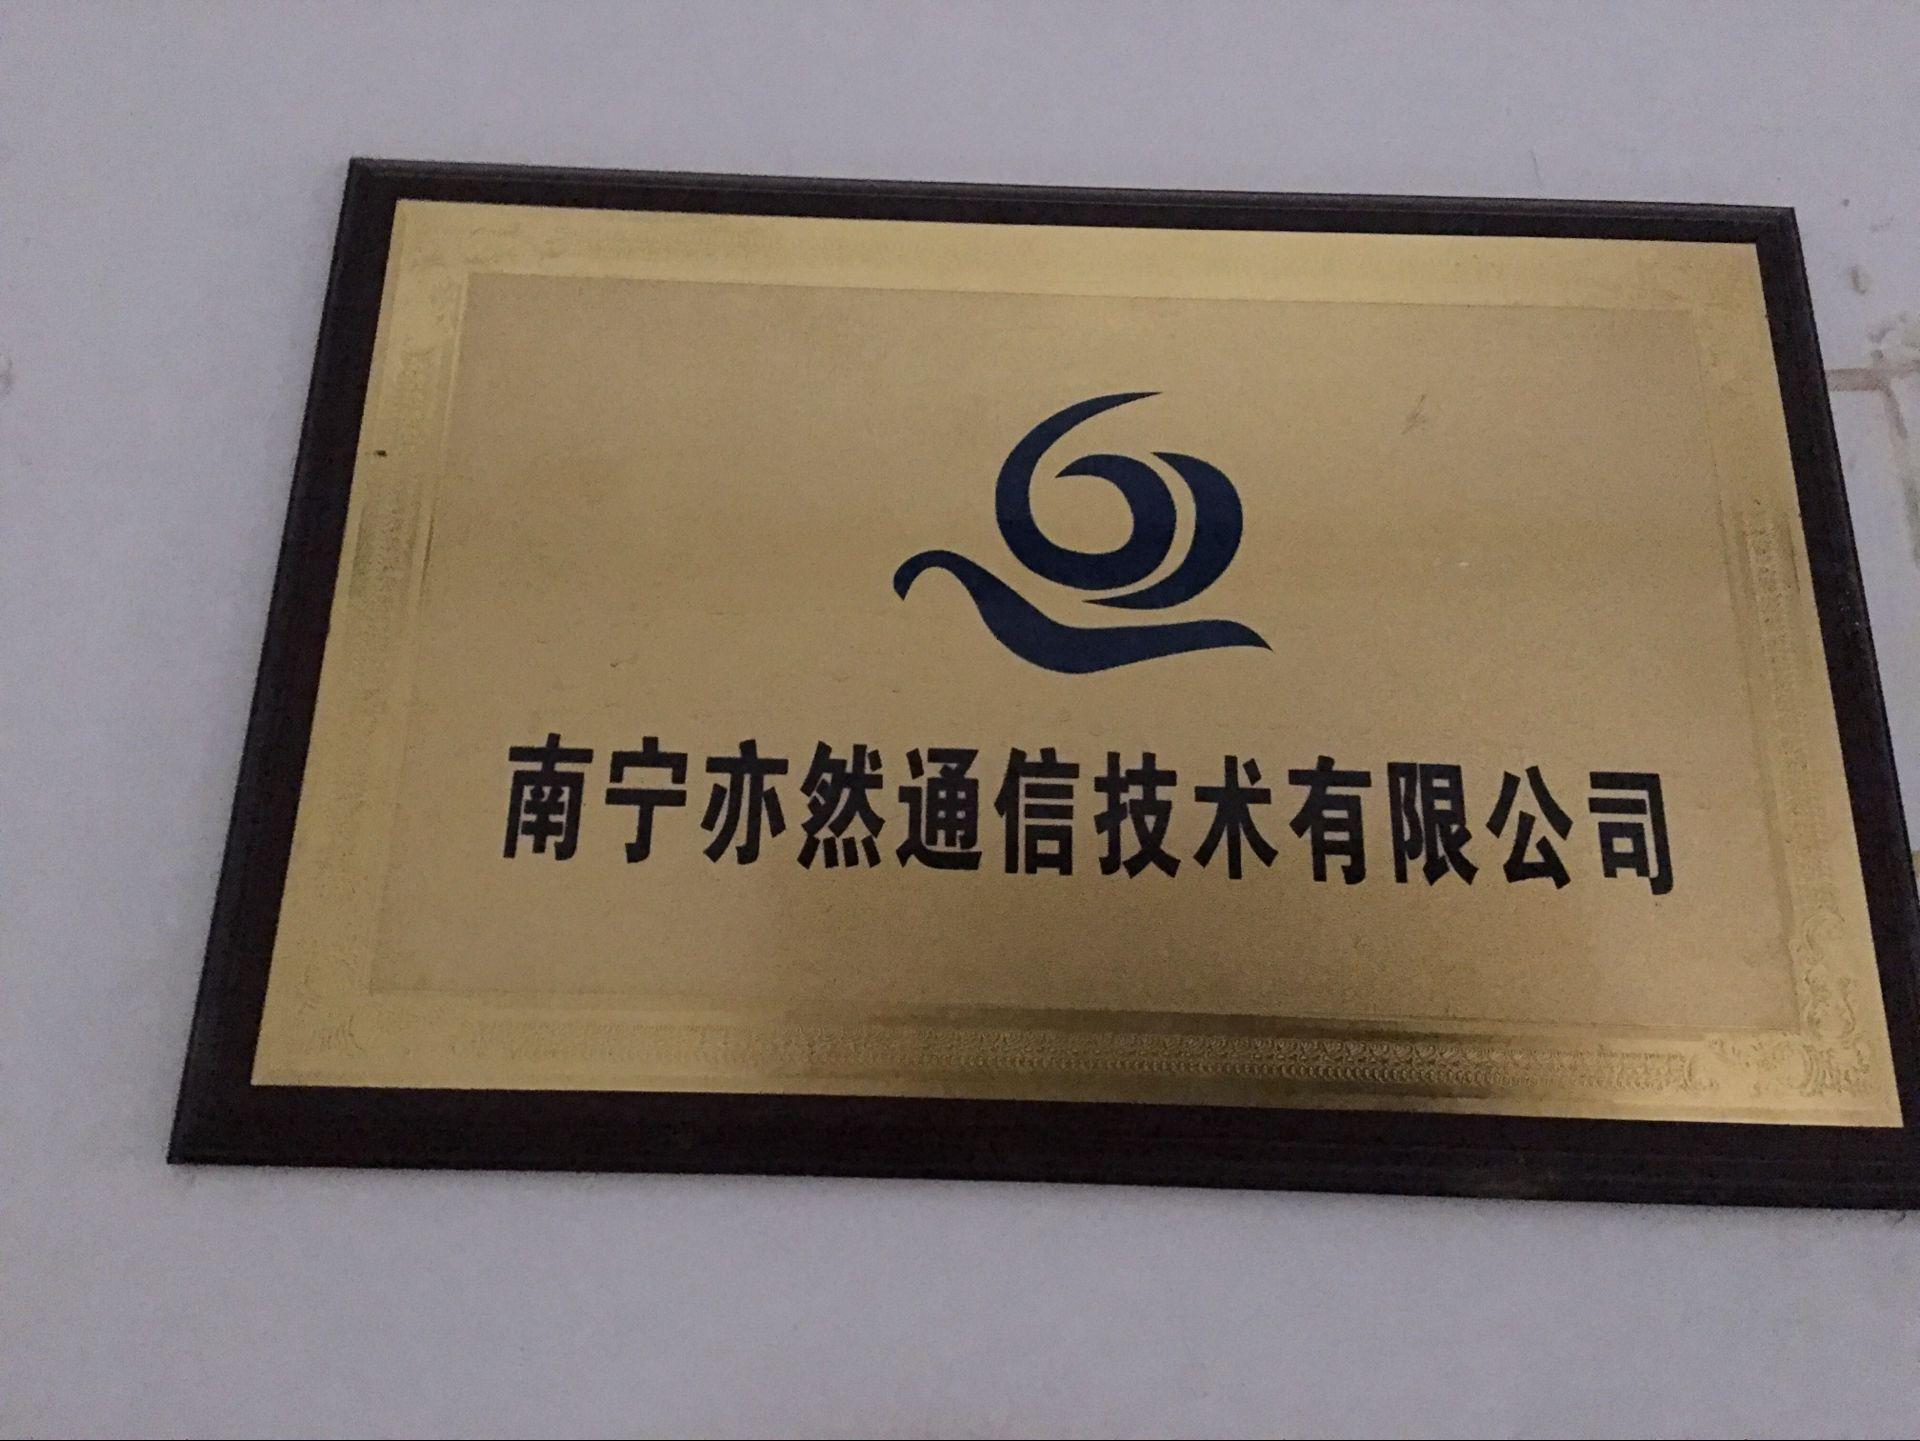 南寧亦然通信技術有限公司